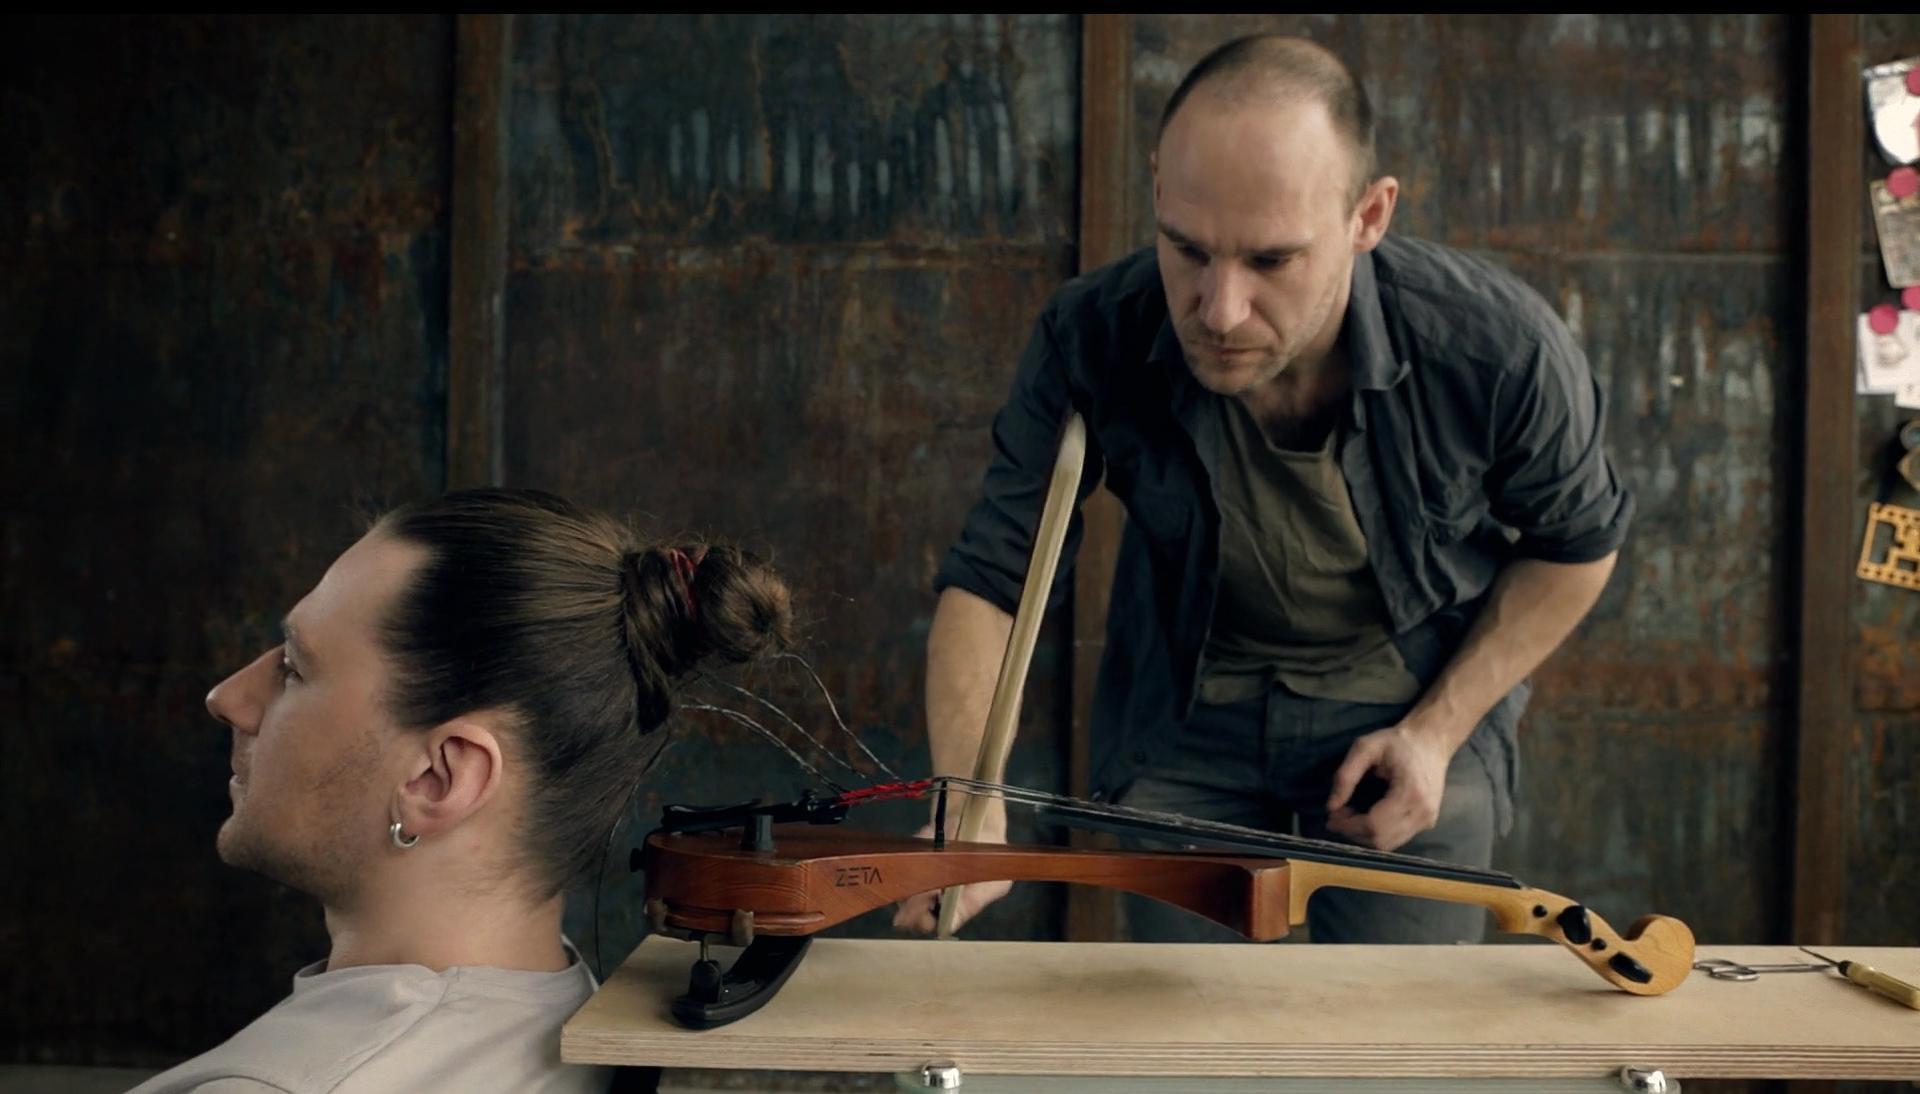 Human hair violin